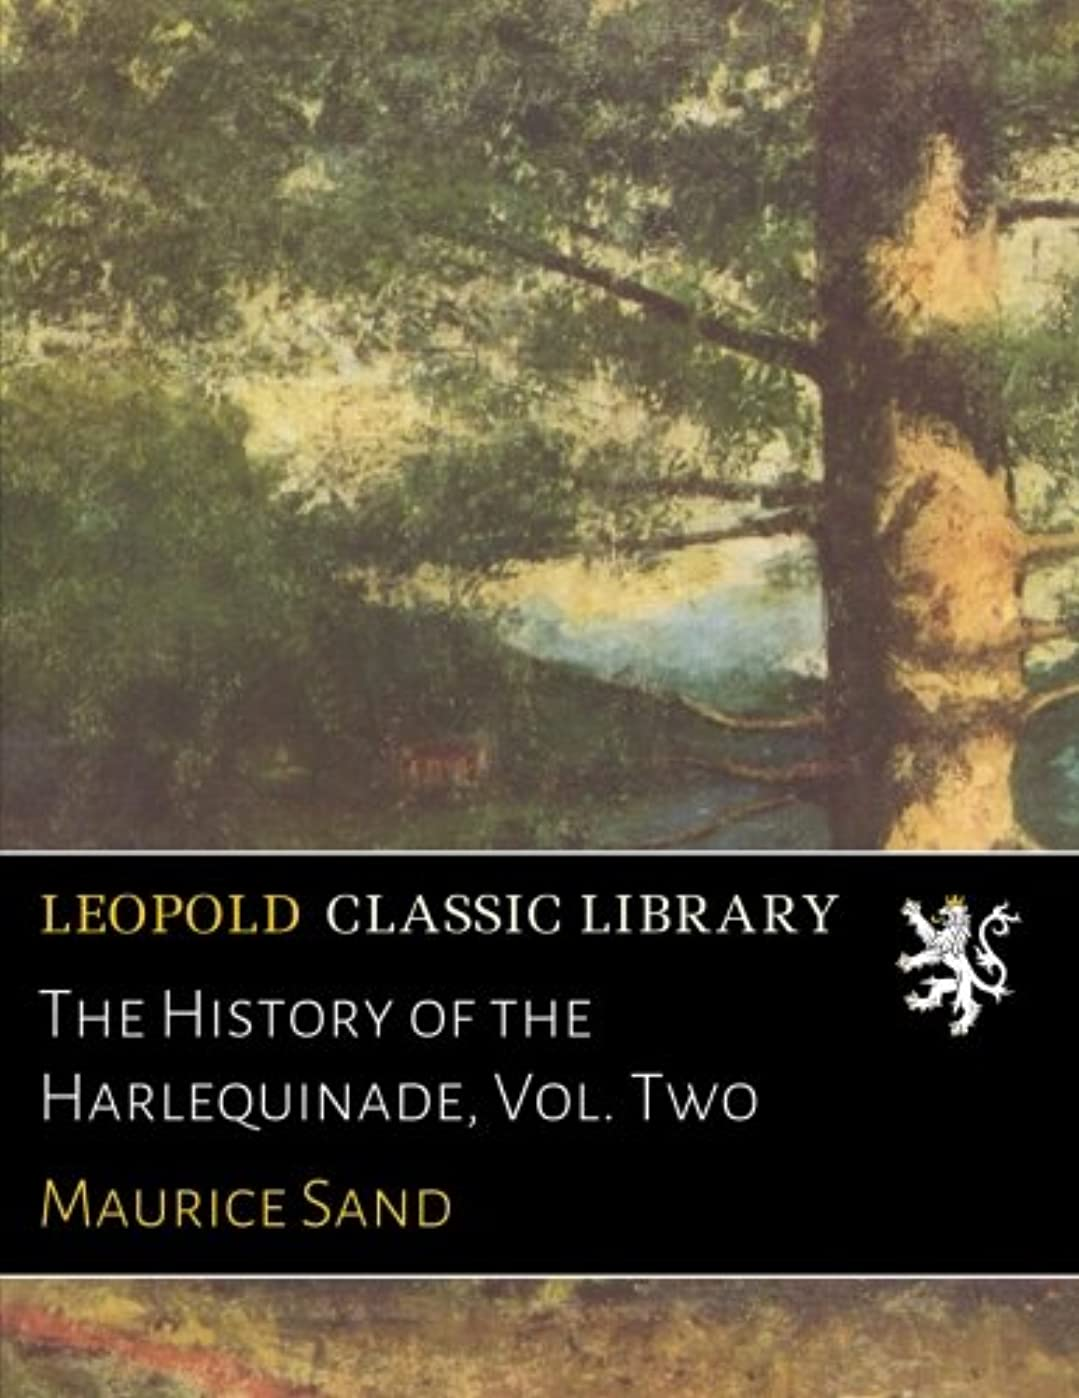 振るホイール髄The History of the Harlequinade, Vol. Two